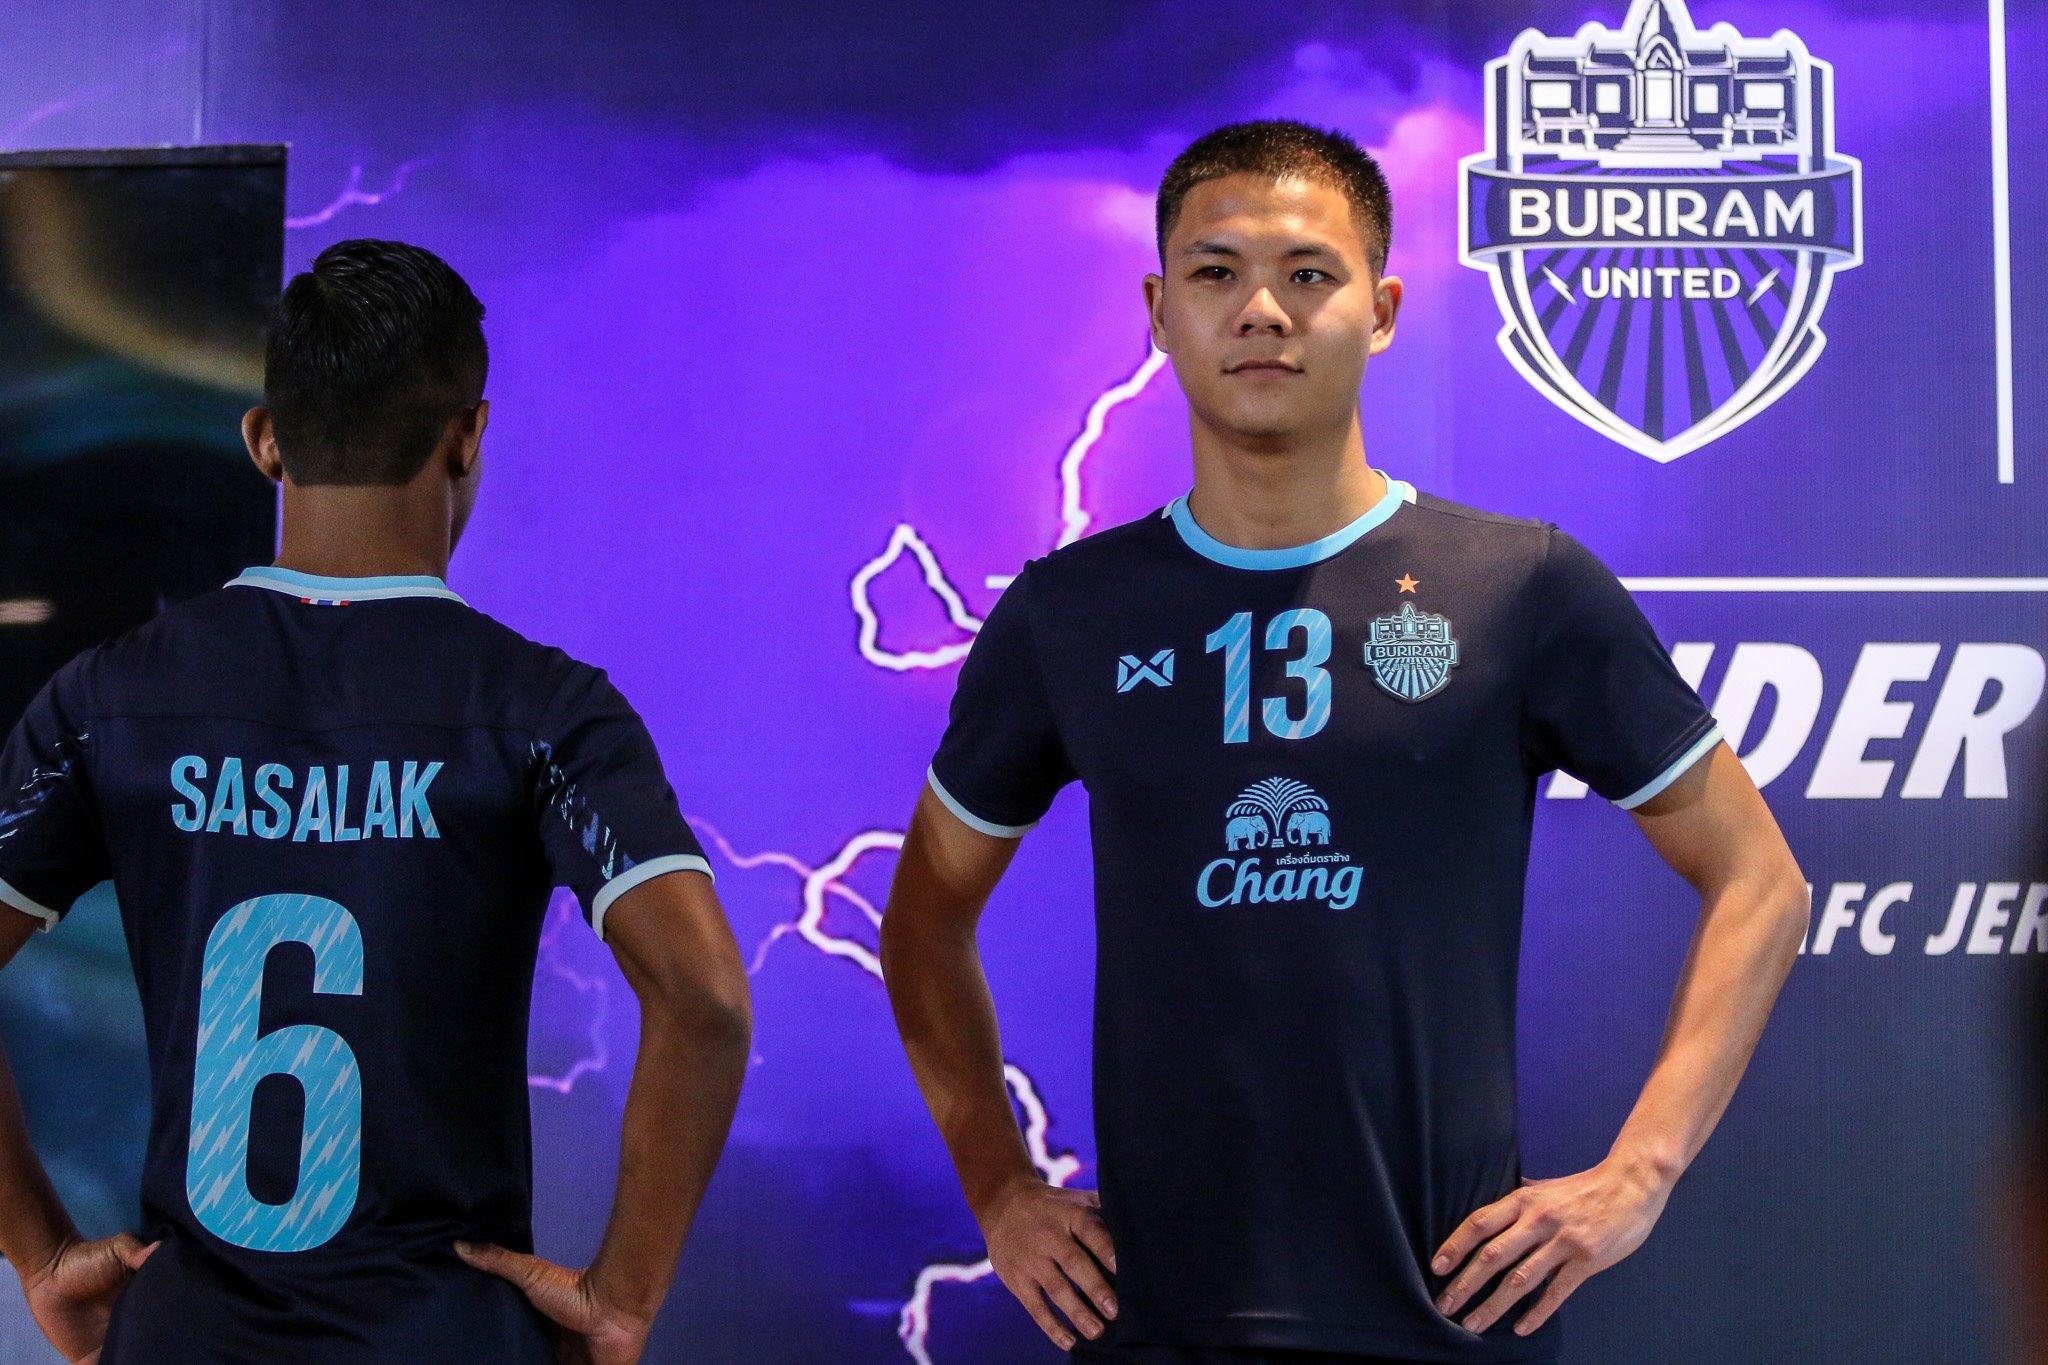 บุรีรัมย์ ยูไนเต็ด ACL 2018